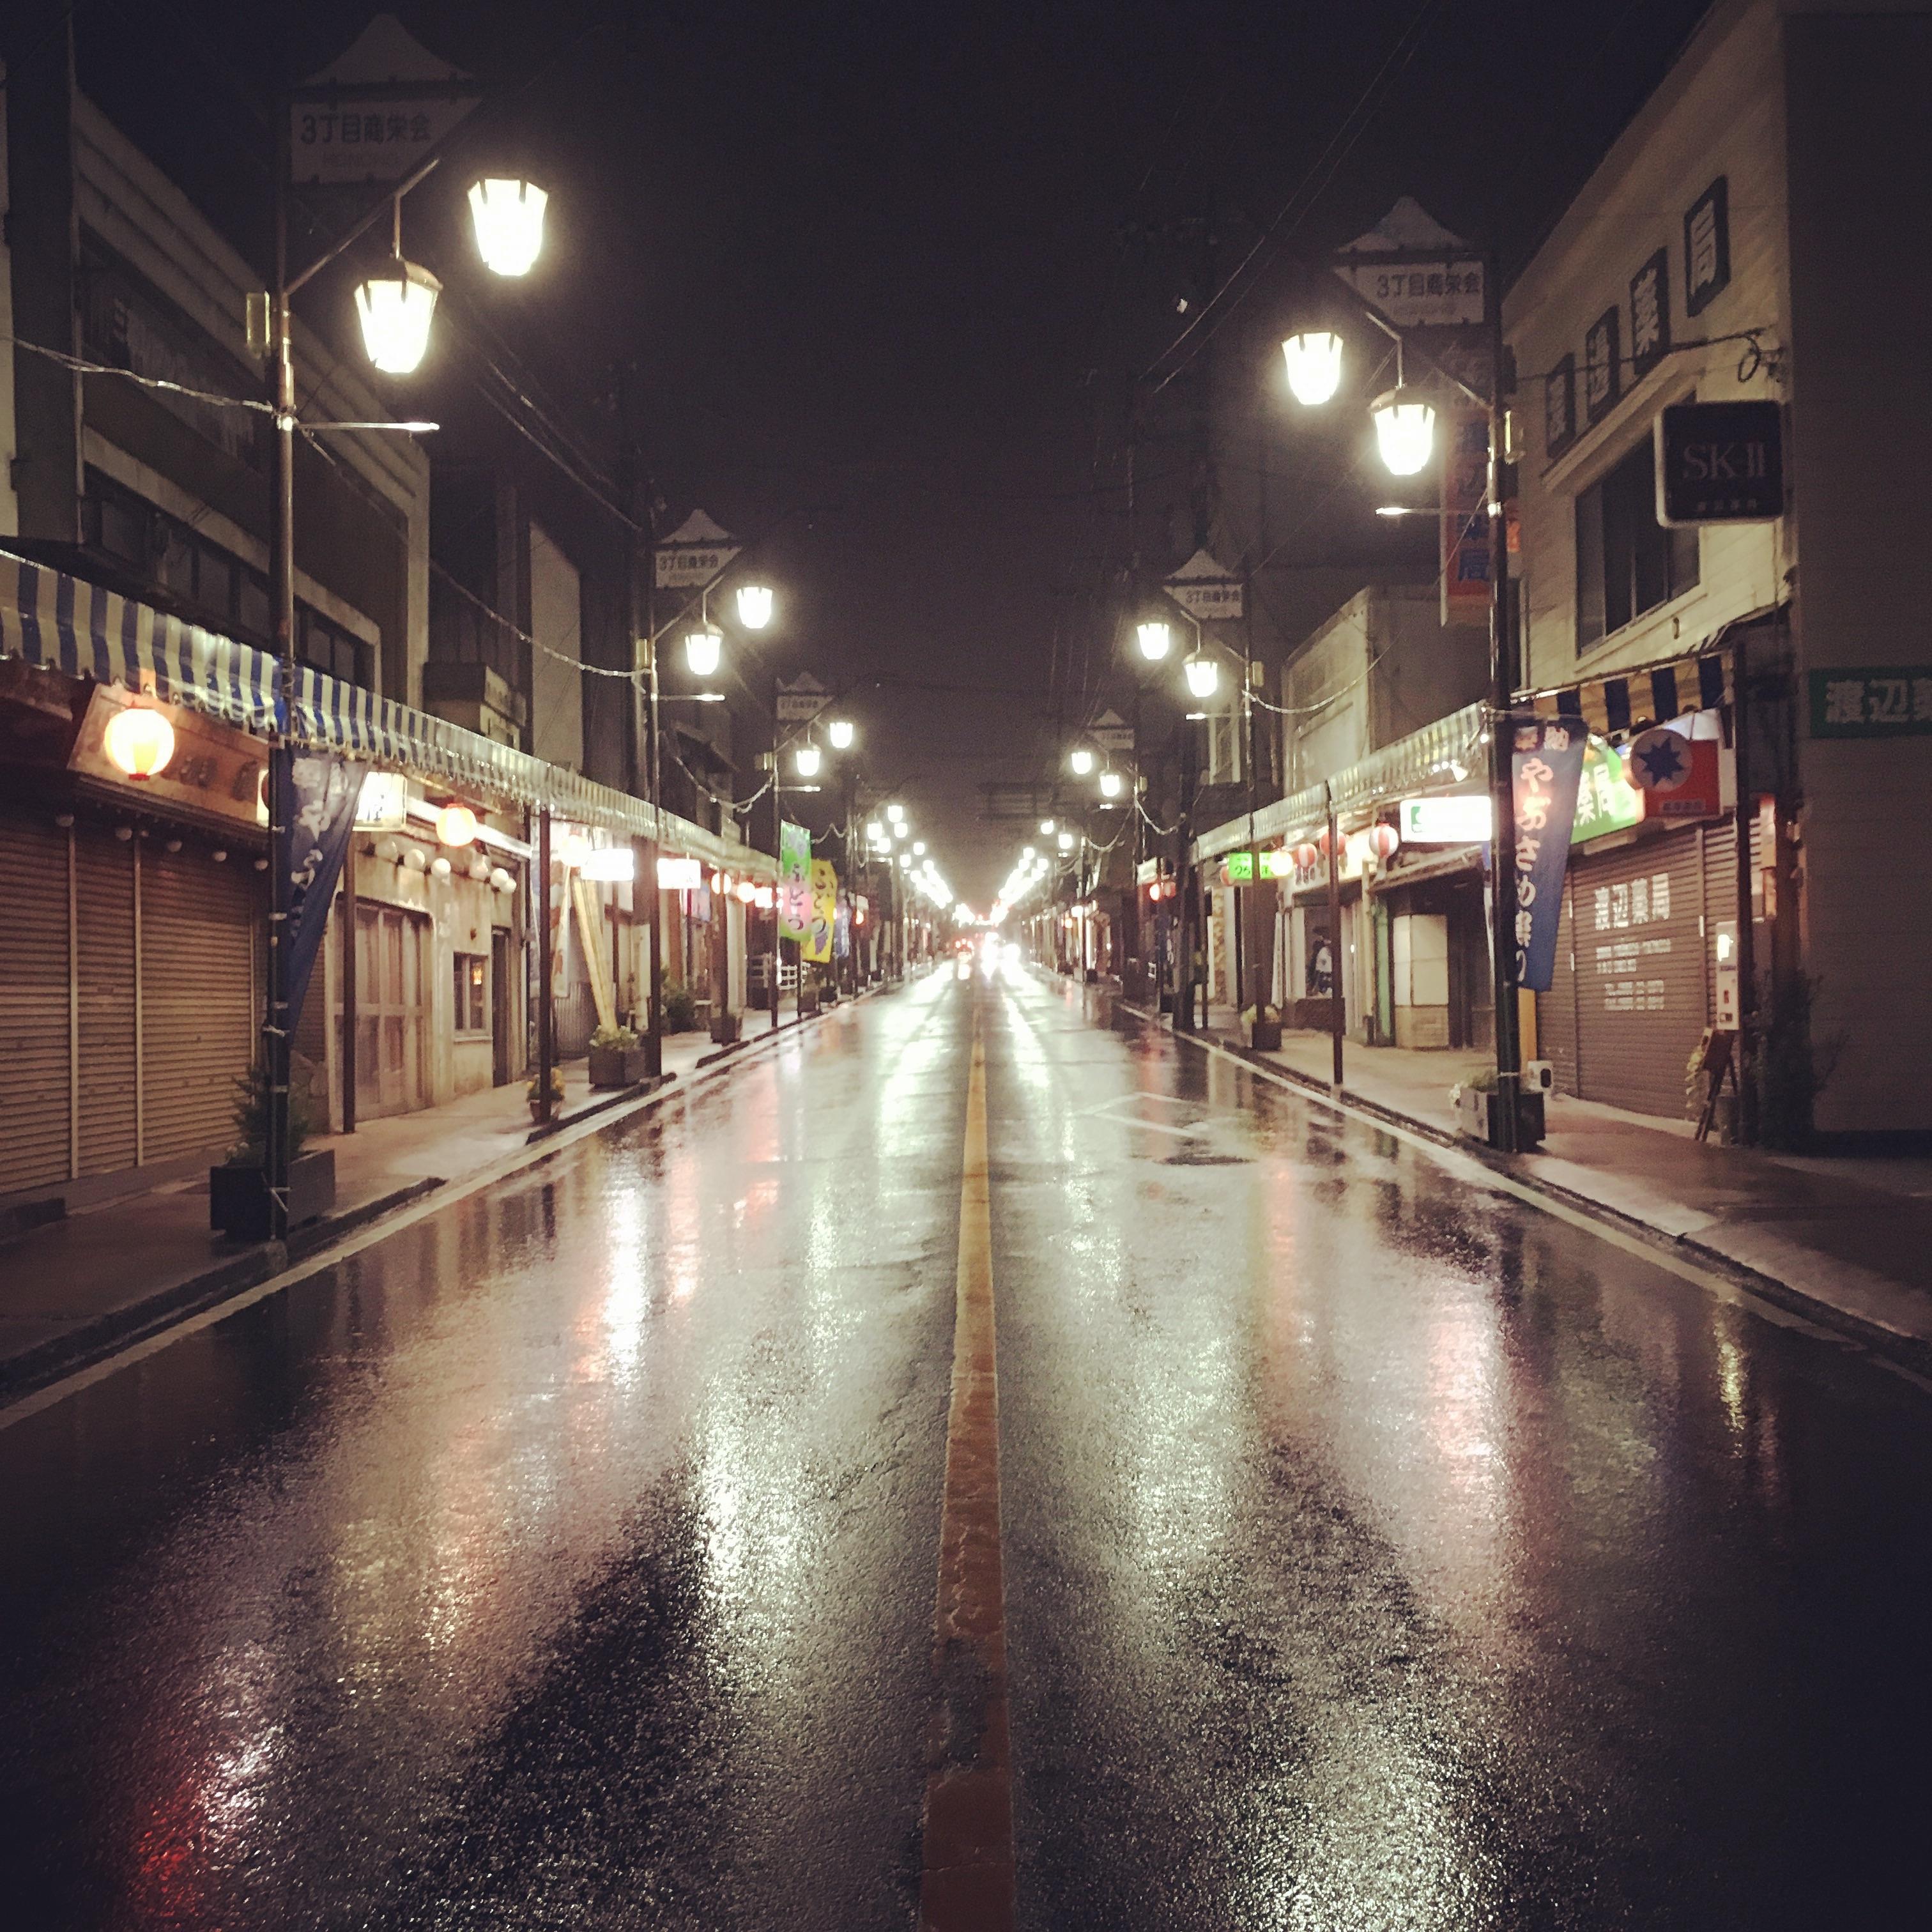 фотографии ночной улицы из-за